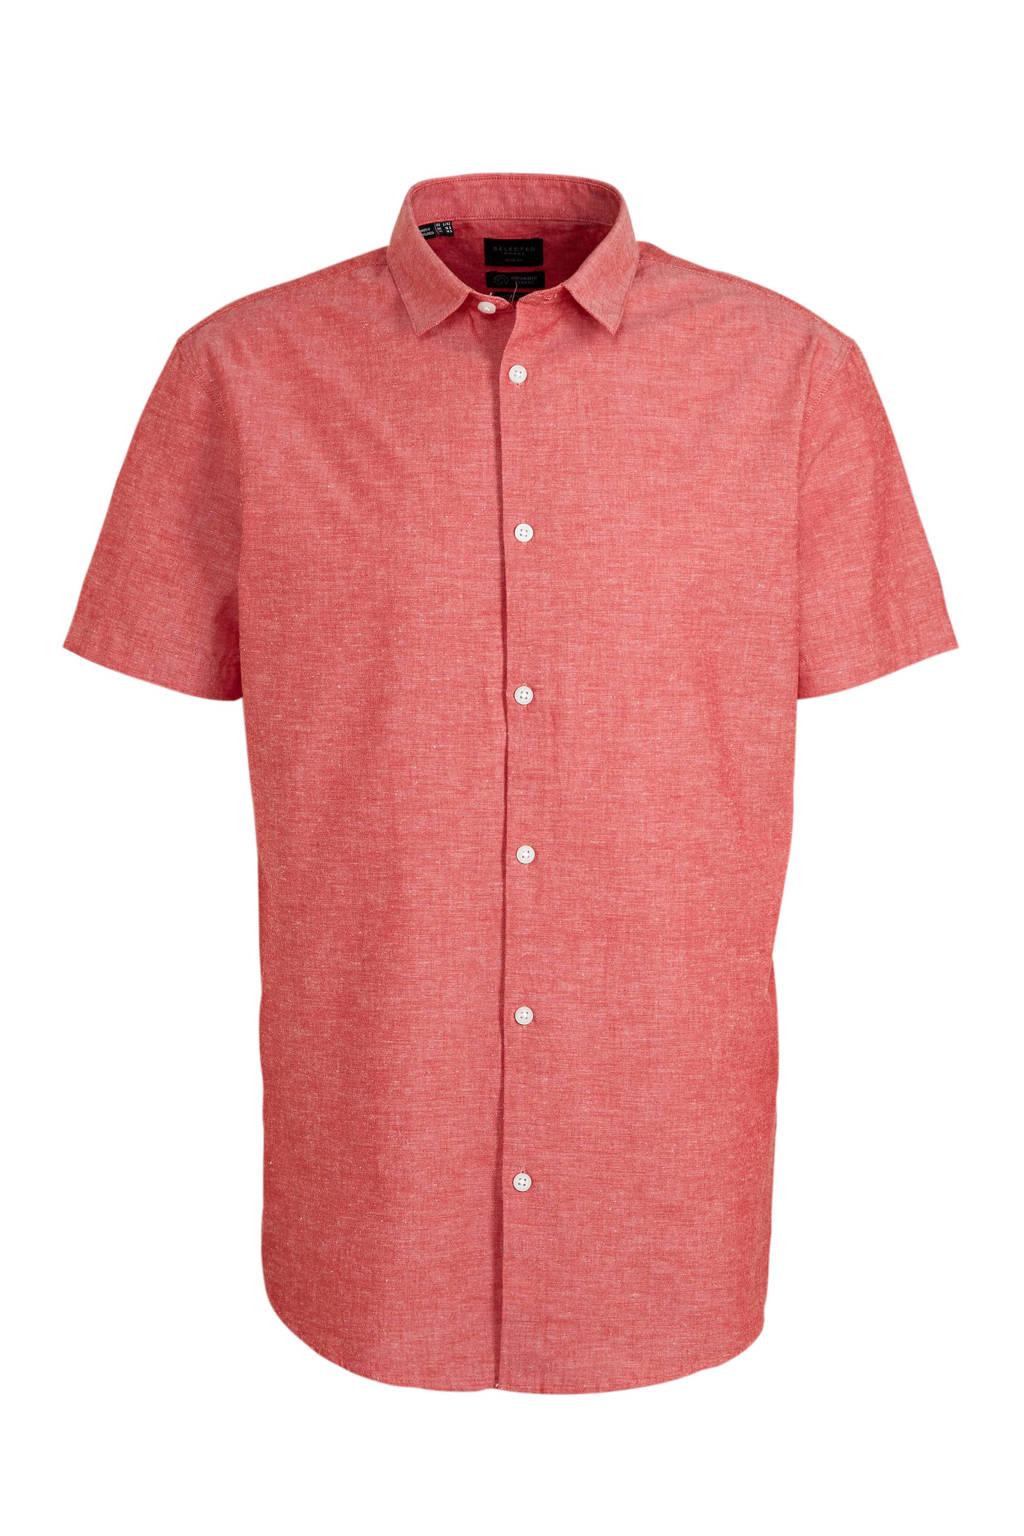 SELECTED HOMME gemêleerd regular fit overhemd met biologisch katoen rood, Rood